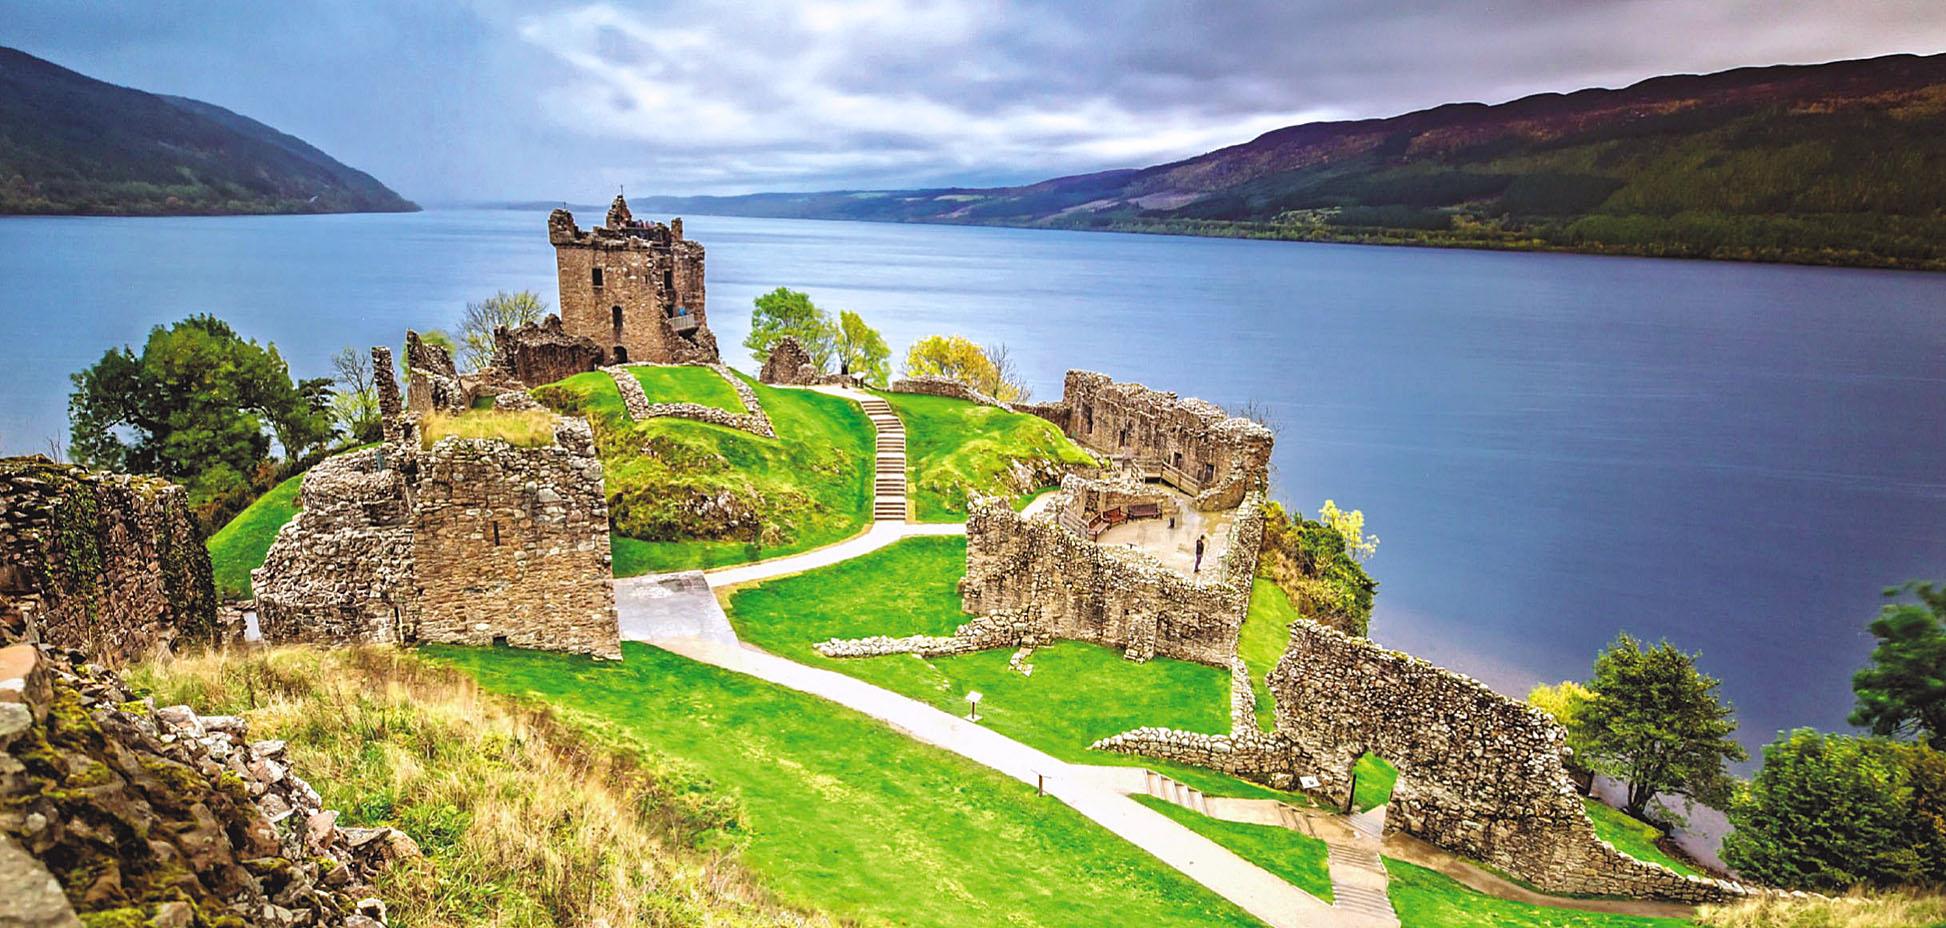 Urquhart Castle, Loch Ness, Scotland by Susanne Pommer.jpg